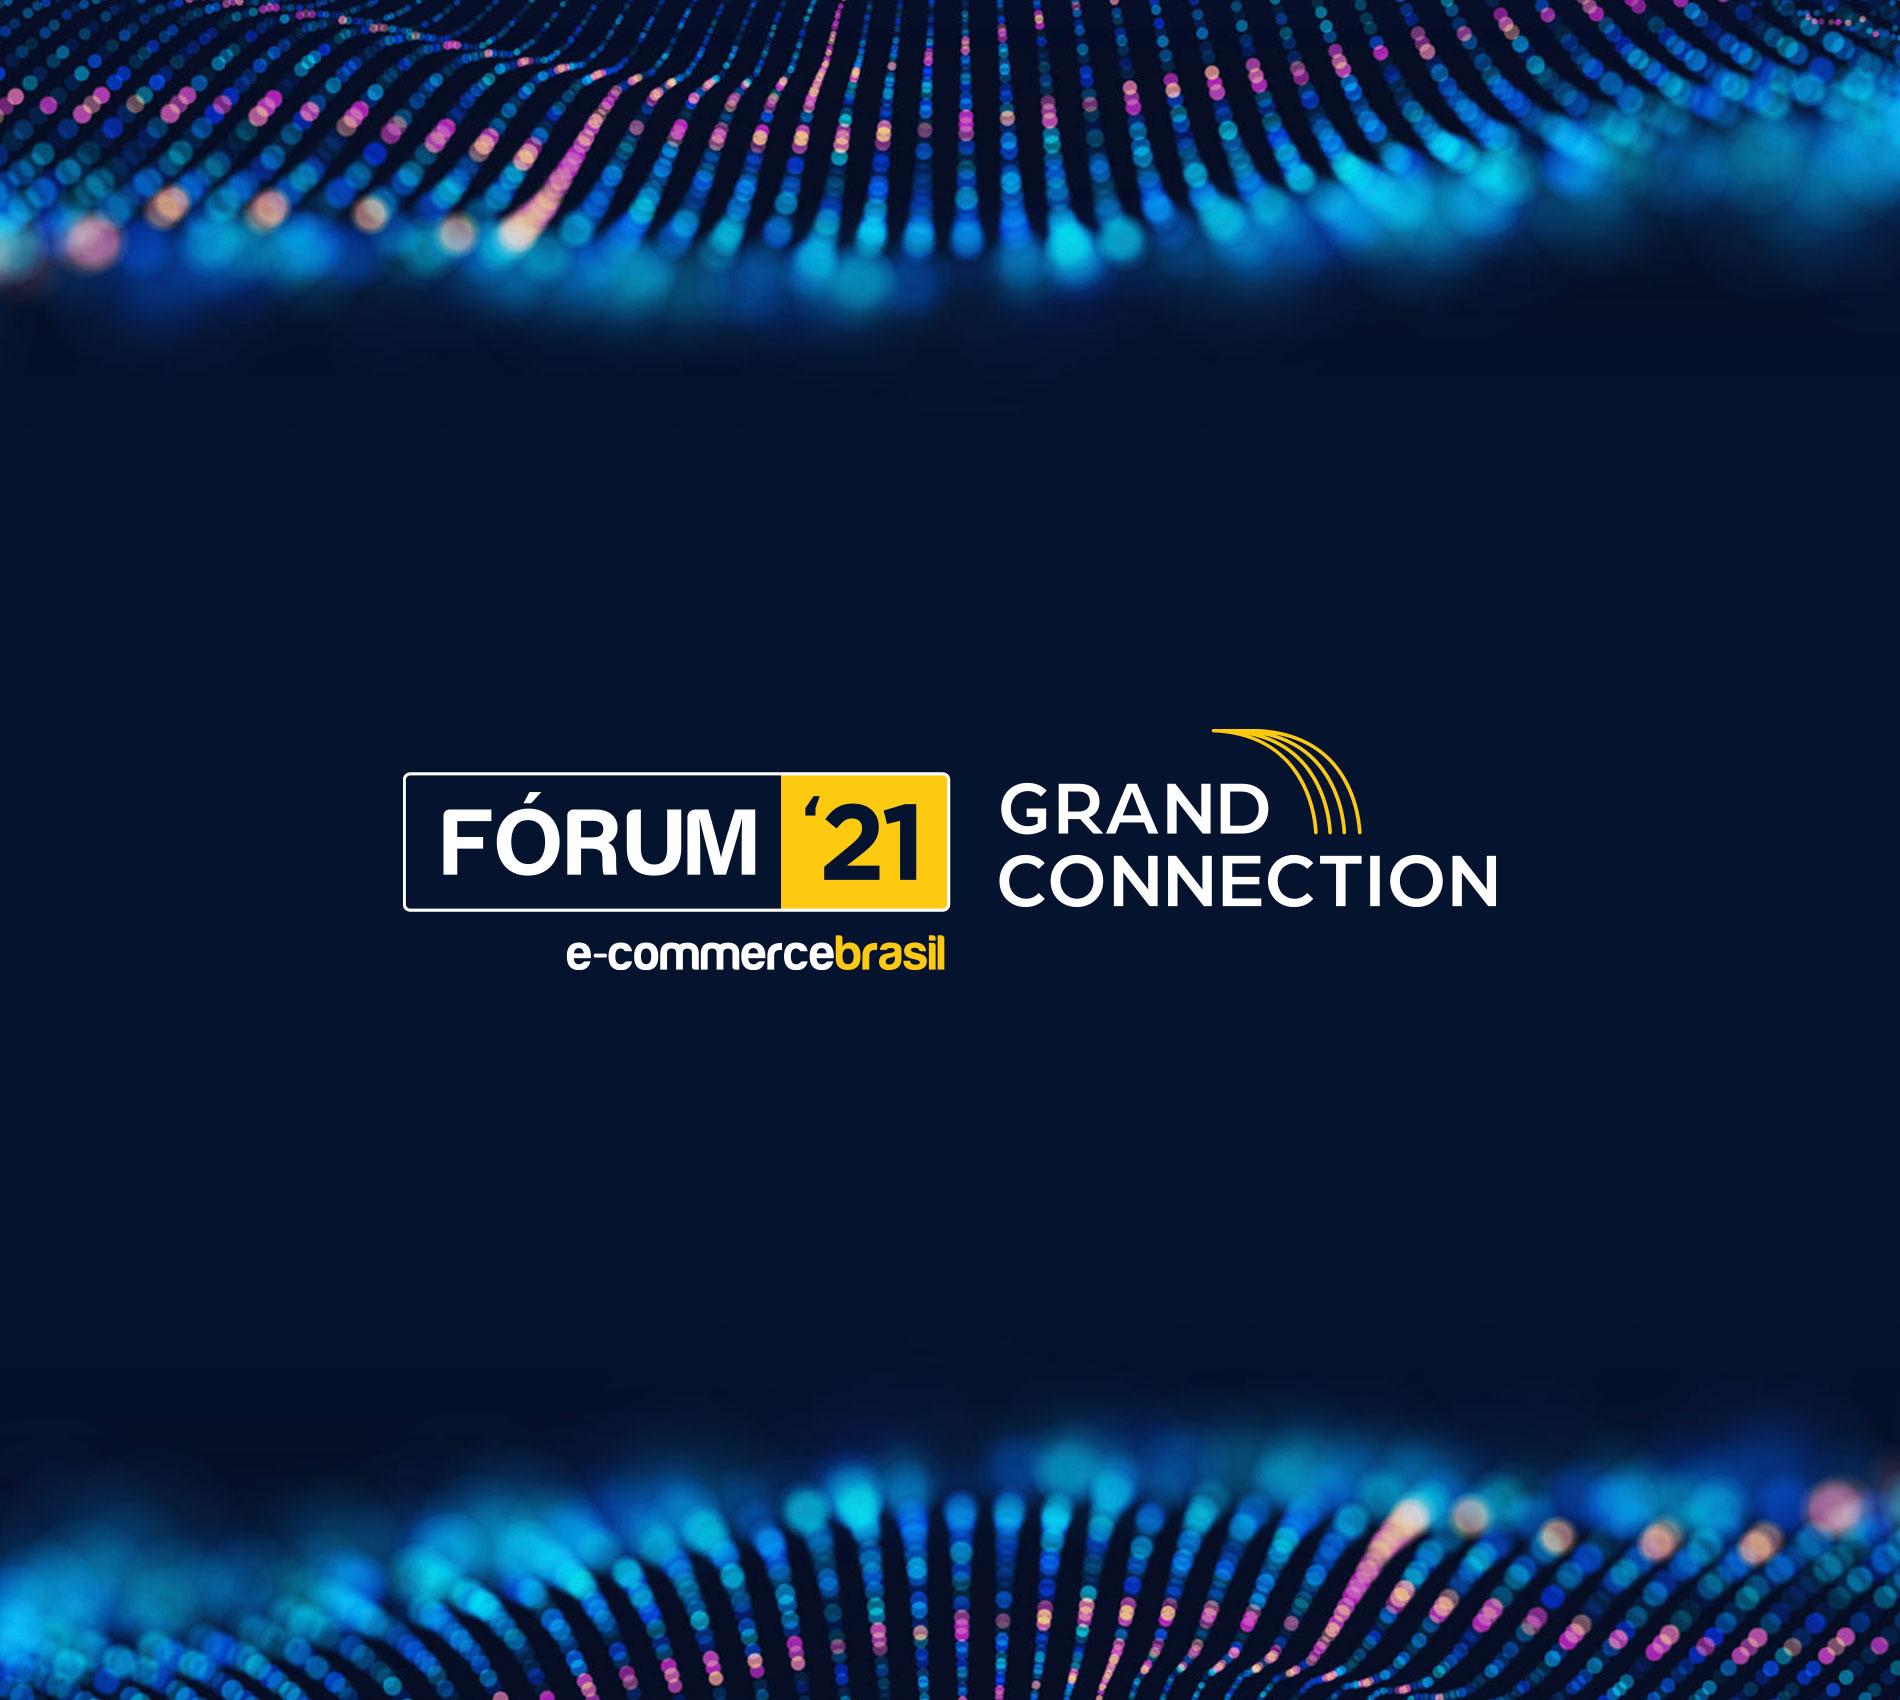 Fórum E-commerce Brasil 2021